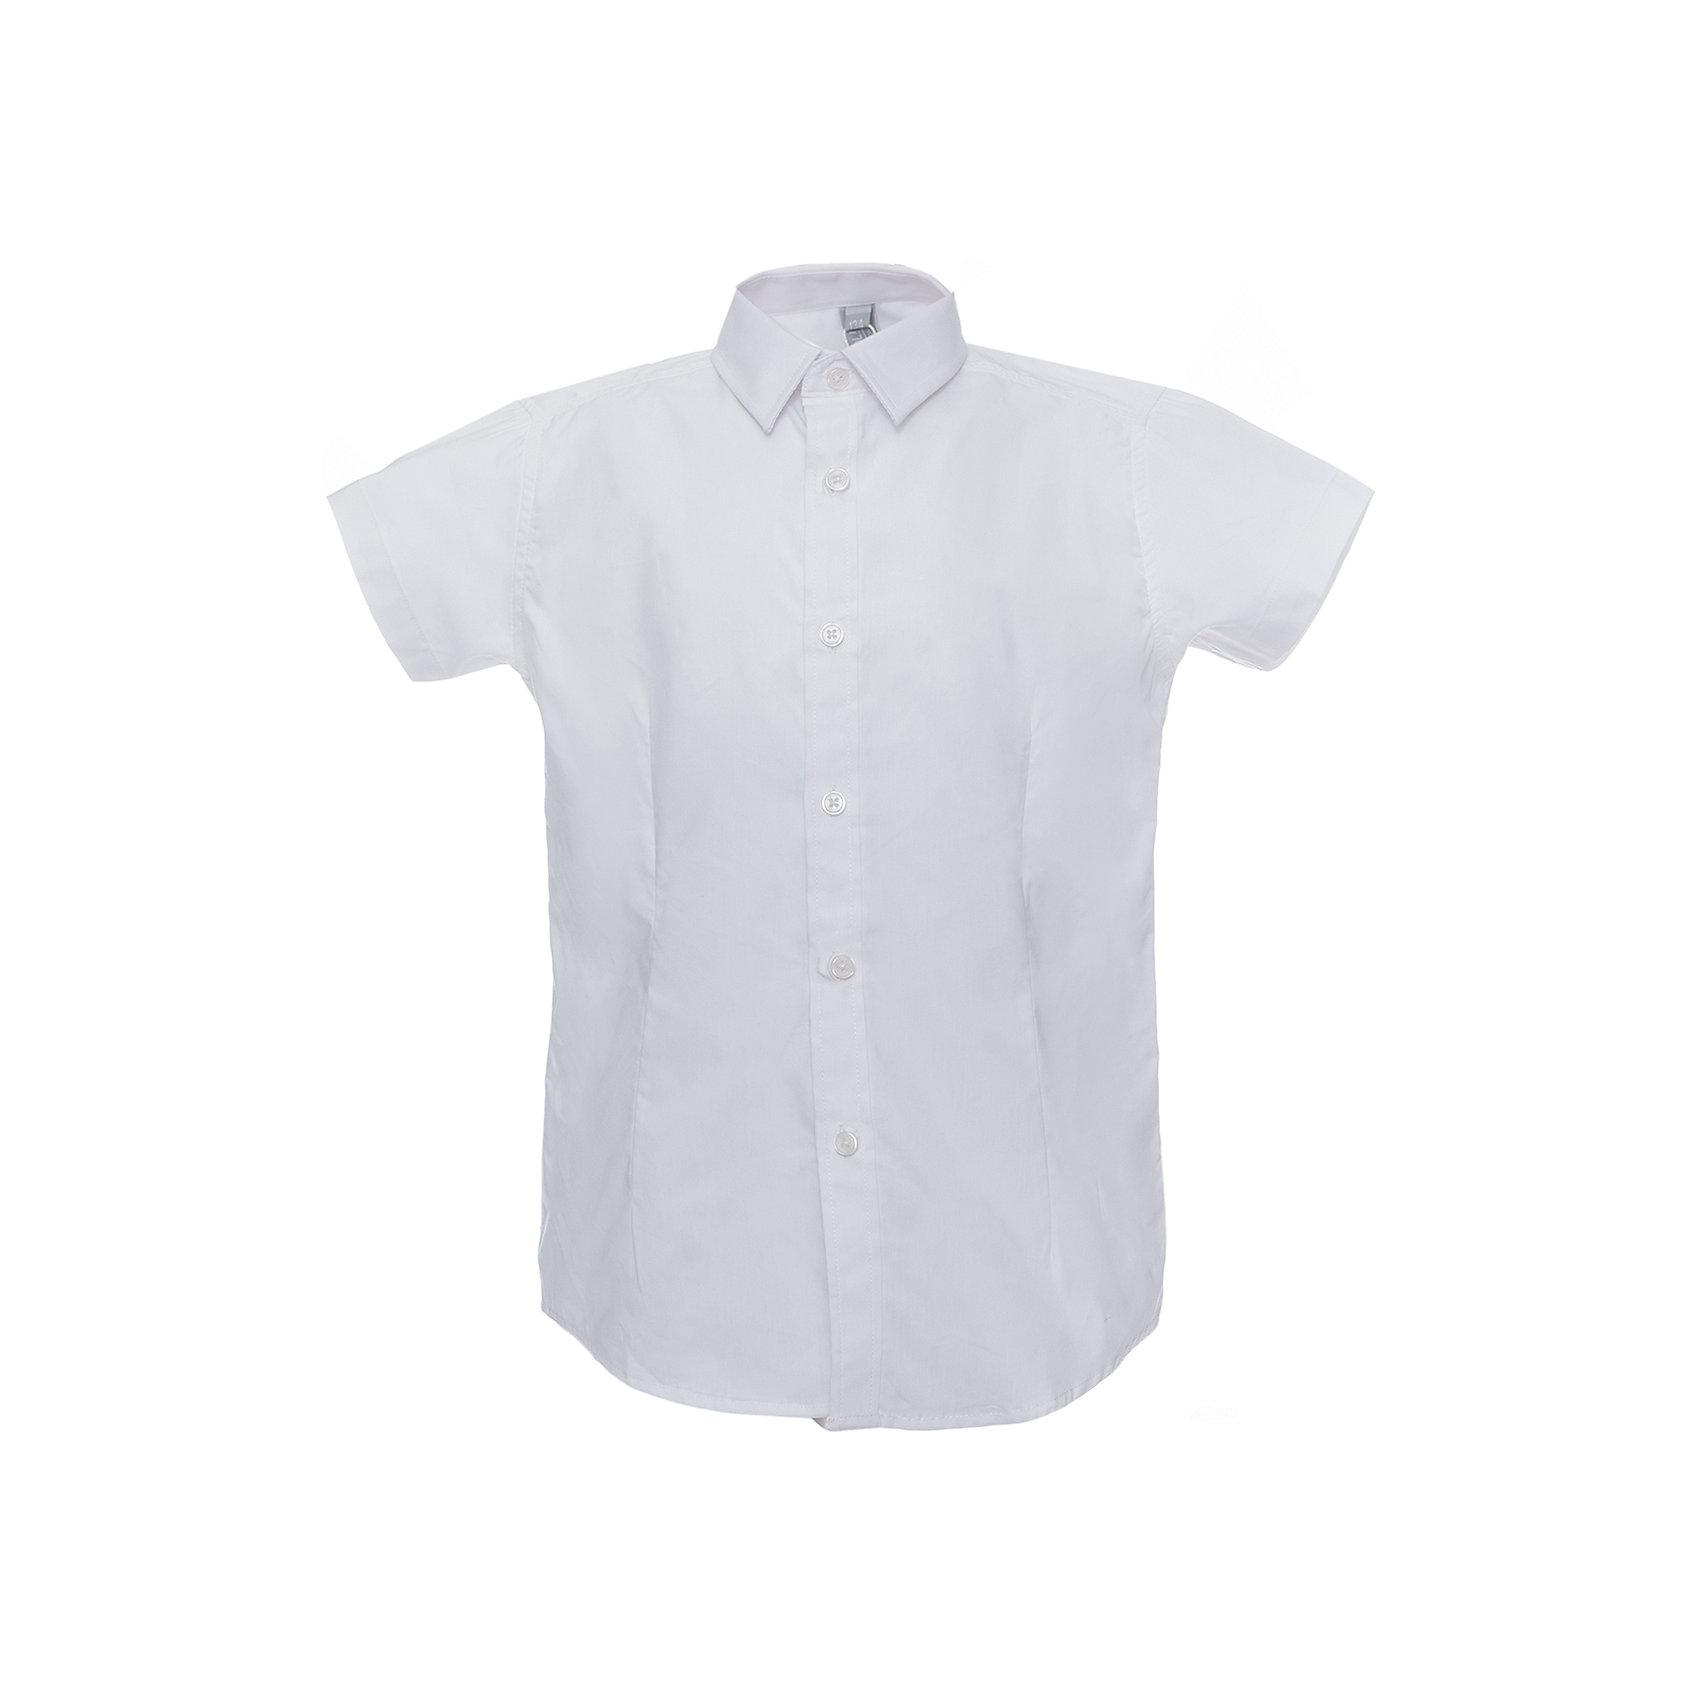 Рубашка для мальчика ScoolБлузки и рубашки<br>Рубашка для мальчика от известного бренда Scool<br>Состав:<br>60% хлопок, 37% полиэстер, 3% эластан<br>Стильная белая сорочка. Короткие рукава, удобно застегивается на пуговицы. Модный зауженный силуэт благодаря вытачкам спереди и сзади.<br><br>Ширина мм: 174<br>Глубина мм: 10<br>Высота мм: 169<br>Вес г: 157<br>Цвет: белый<br>Возраст от месяцев: 108<br>Возраст до месяцев: 120<br>Пол: Мужской<br>Возраст: Детский<br>Размер: 164,158,128,134,146,152,122,140<br>SKU: 4686751